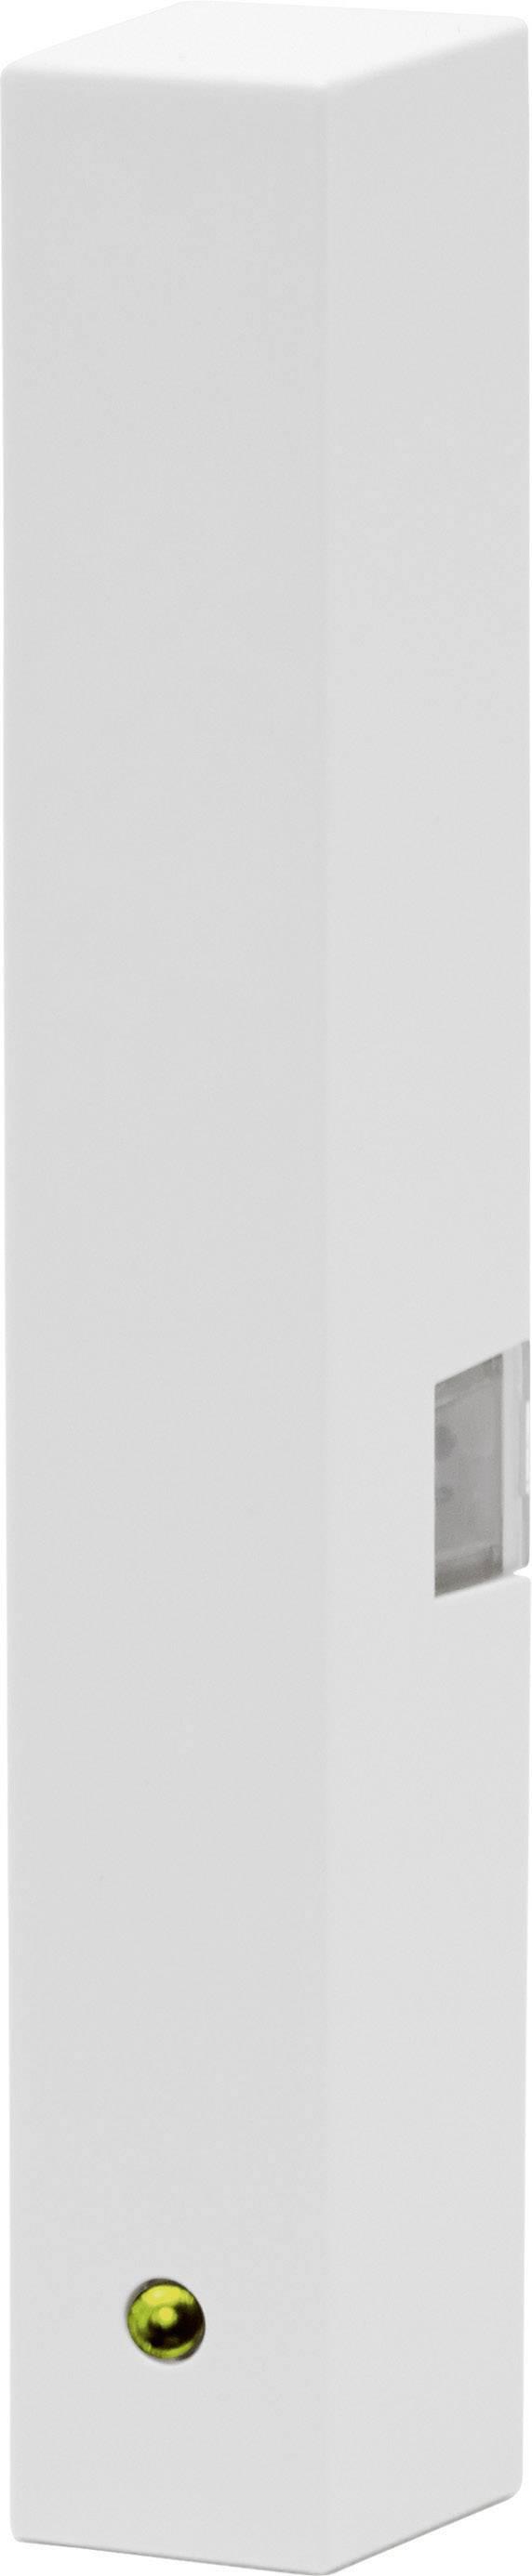 Bezdrôtový dverový, okenný kontakt HomeMatic HM-Sec-SCo 130297 max. dosah 100 m